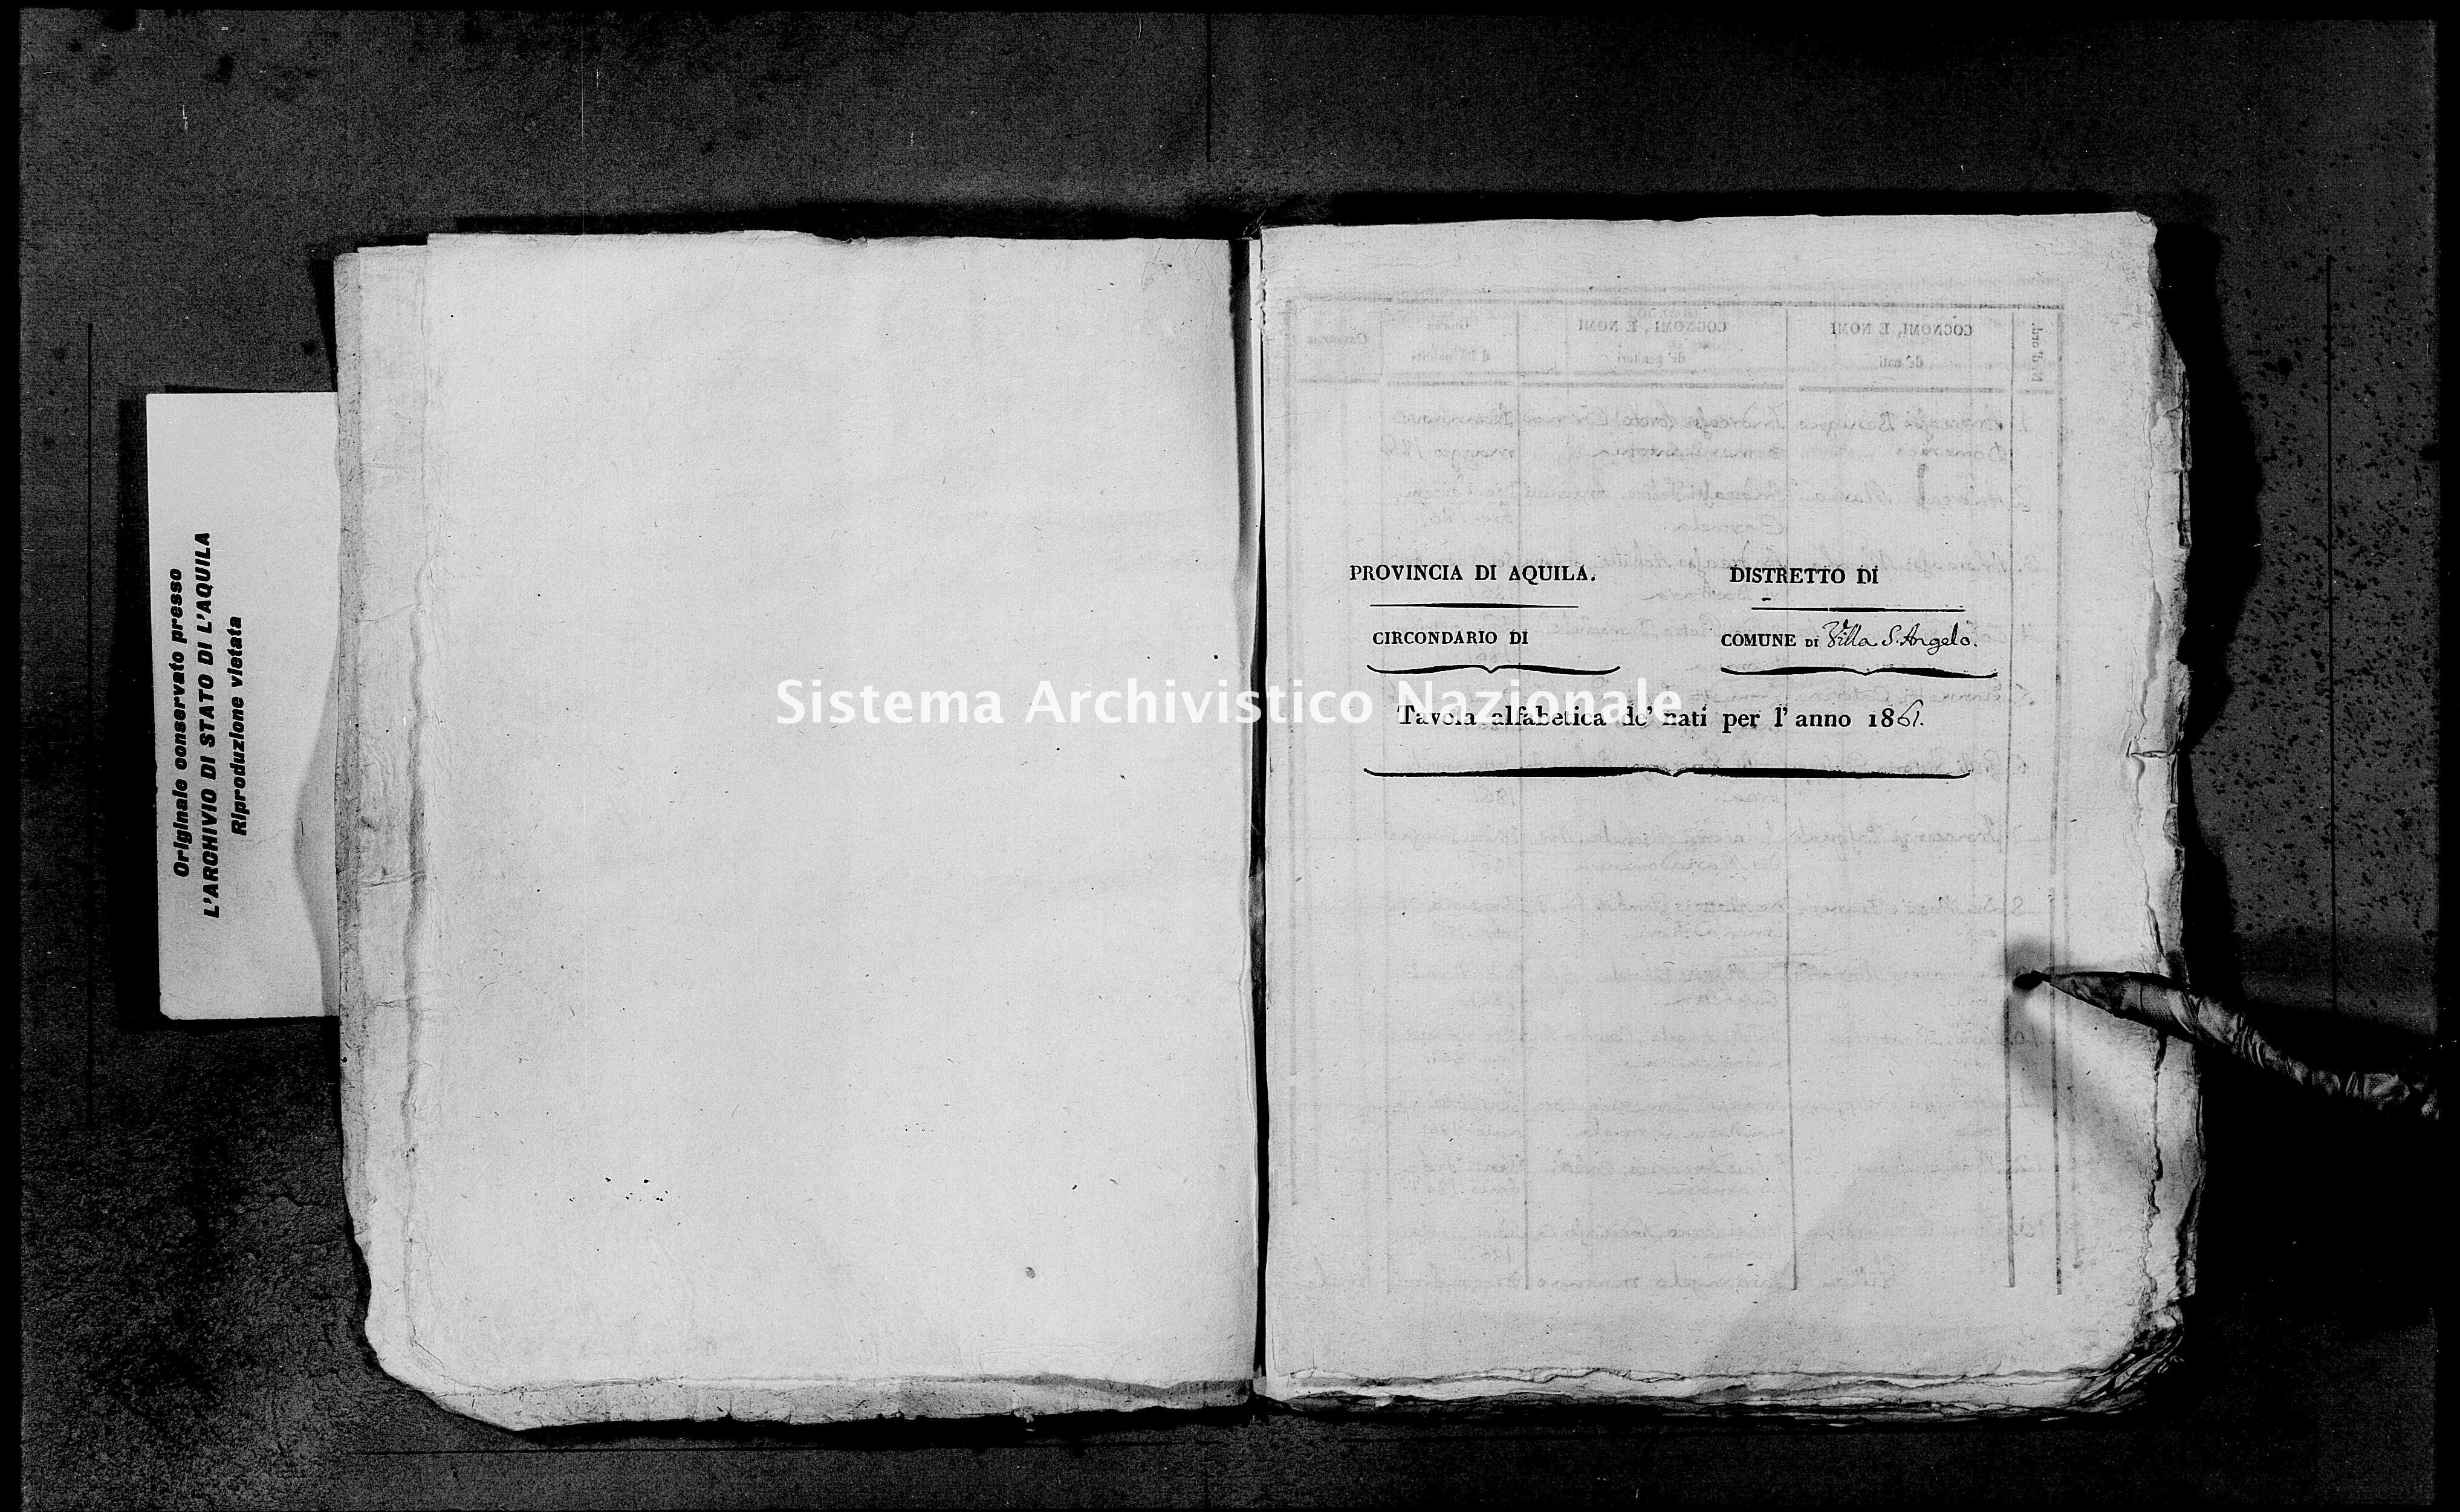 Archivio di stato di L'aquila - Stato civile italiano - Villa Sant'Angelo - Nati, dichiarazioni - 1861 - 4267 -